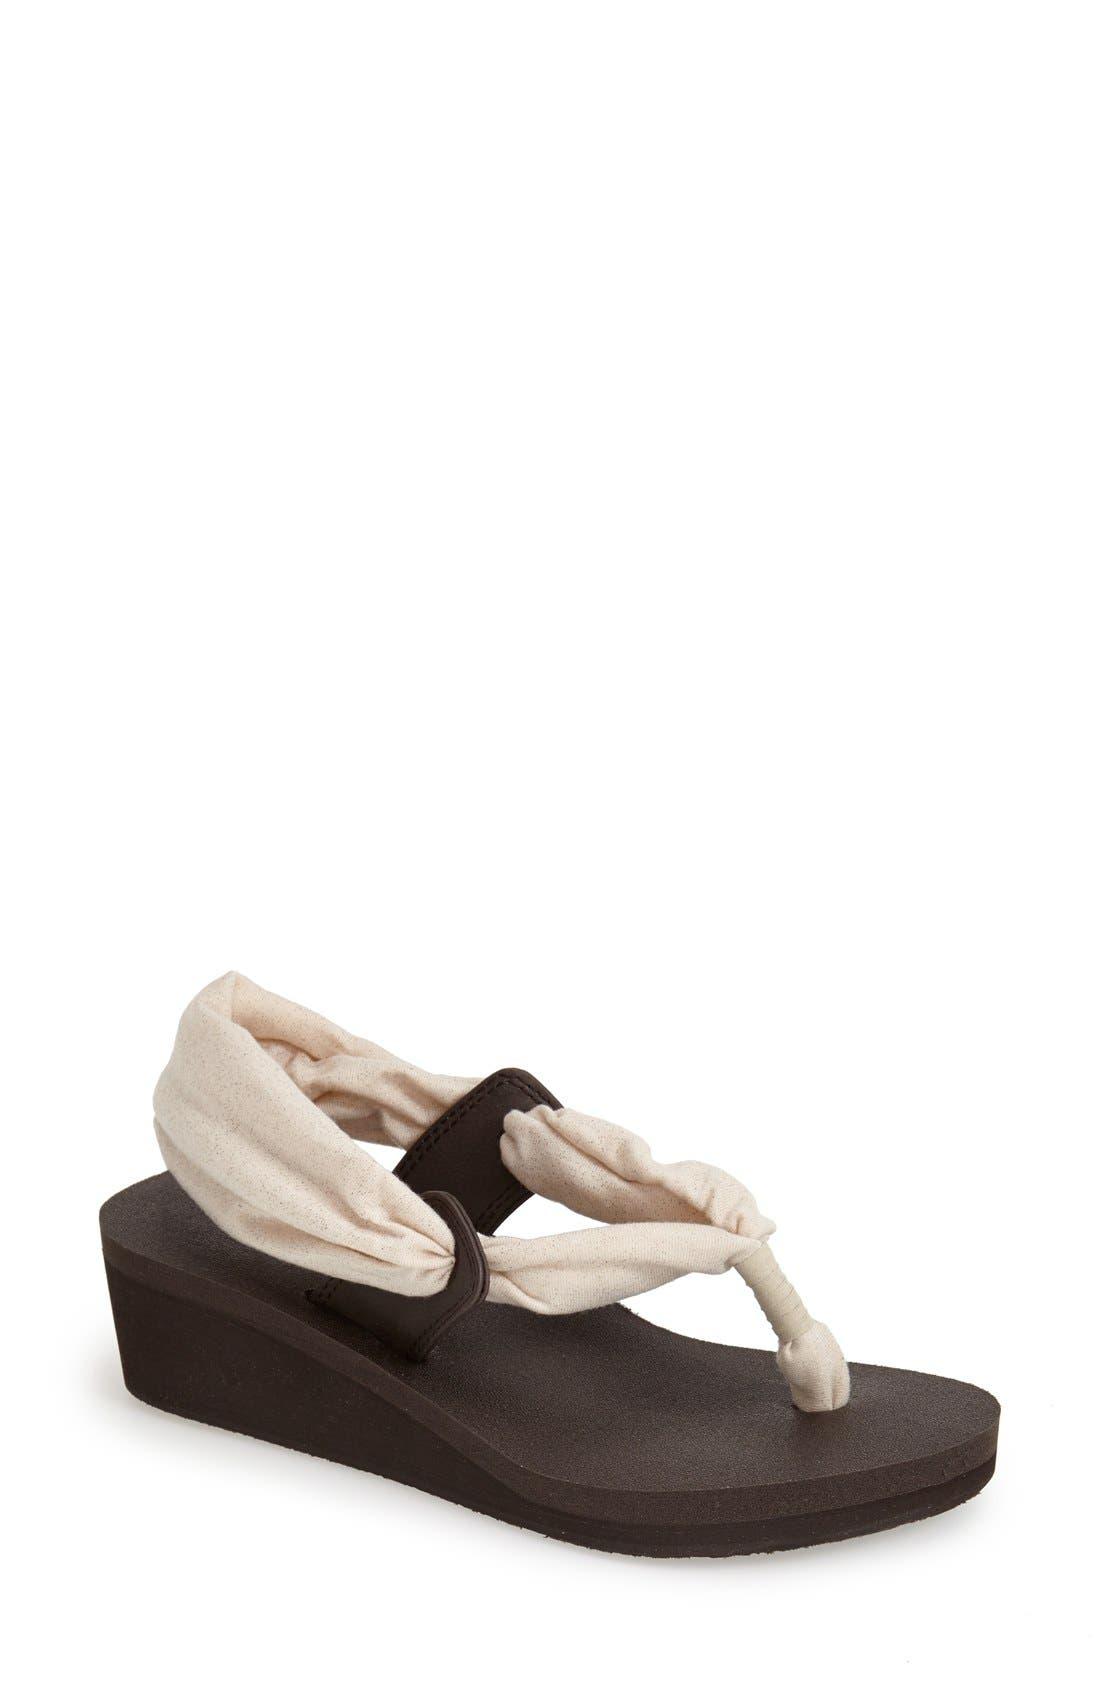 Sanuk 'Slinglet Metallic' Wedge Sandal (Women) | Nordstrom